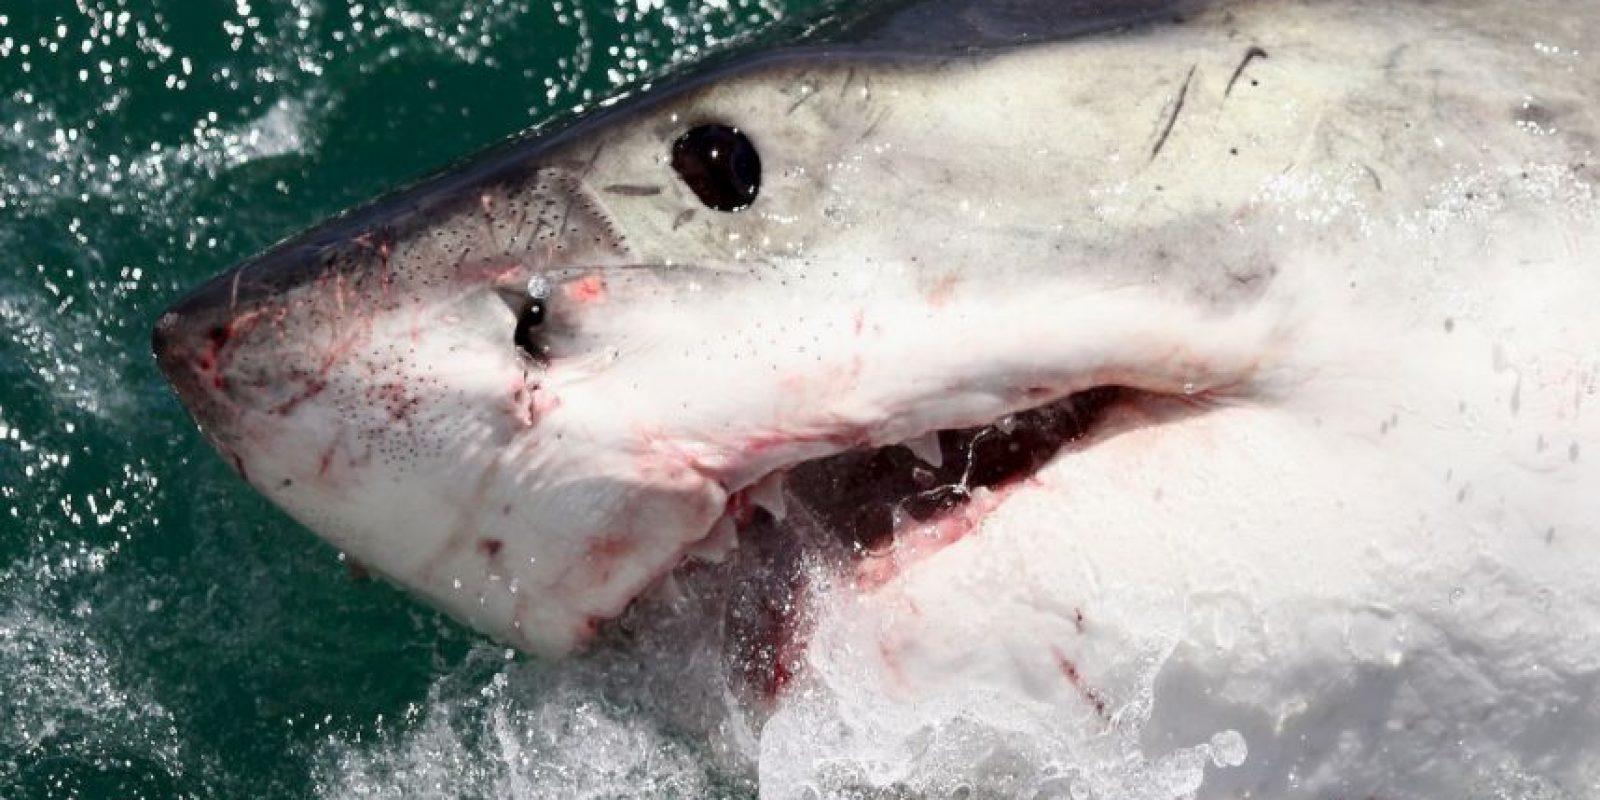 El hombre estaba nadando cuando se encontró con un tiburón de casi dos metros de largo. Foto:Getty Images